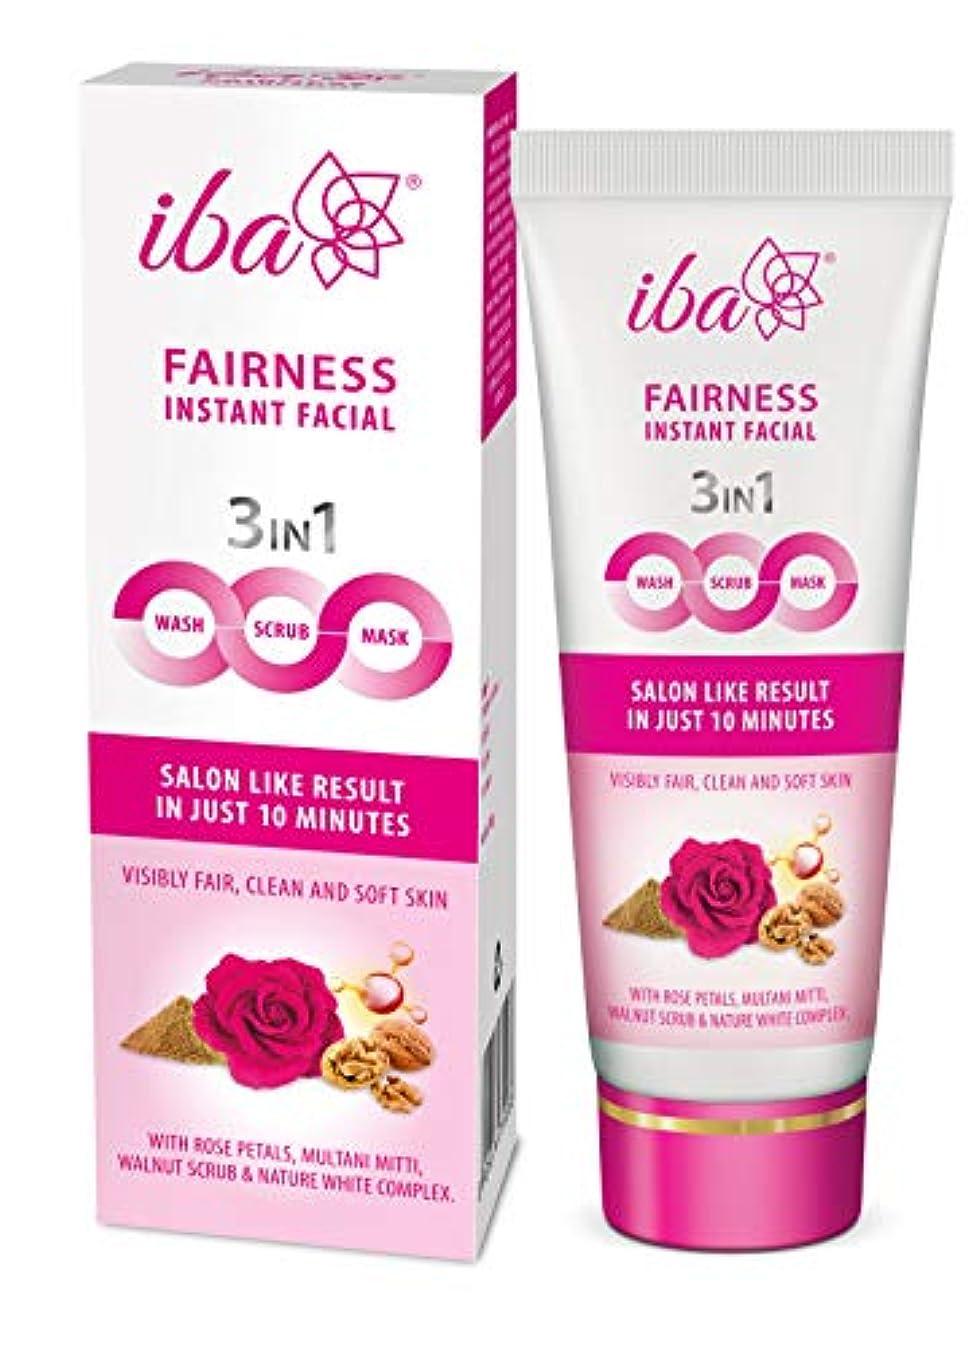 登録する十一スローガンIba Halal Care Fairness Instant Facial (3in1 Mask Scrub Facial Wash), 100g